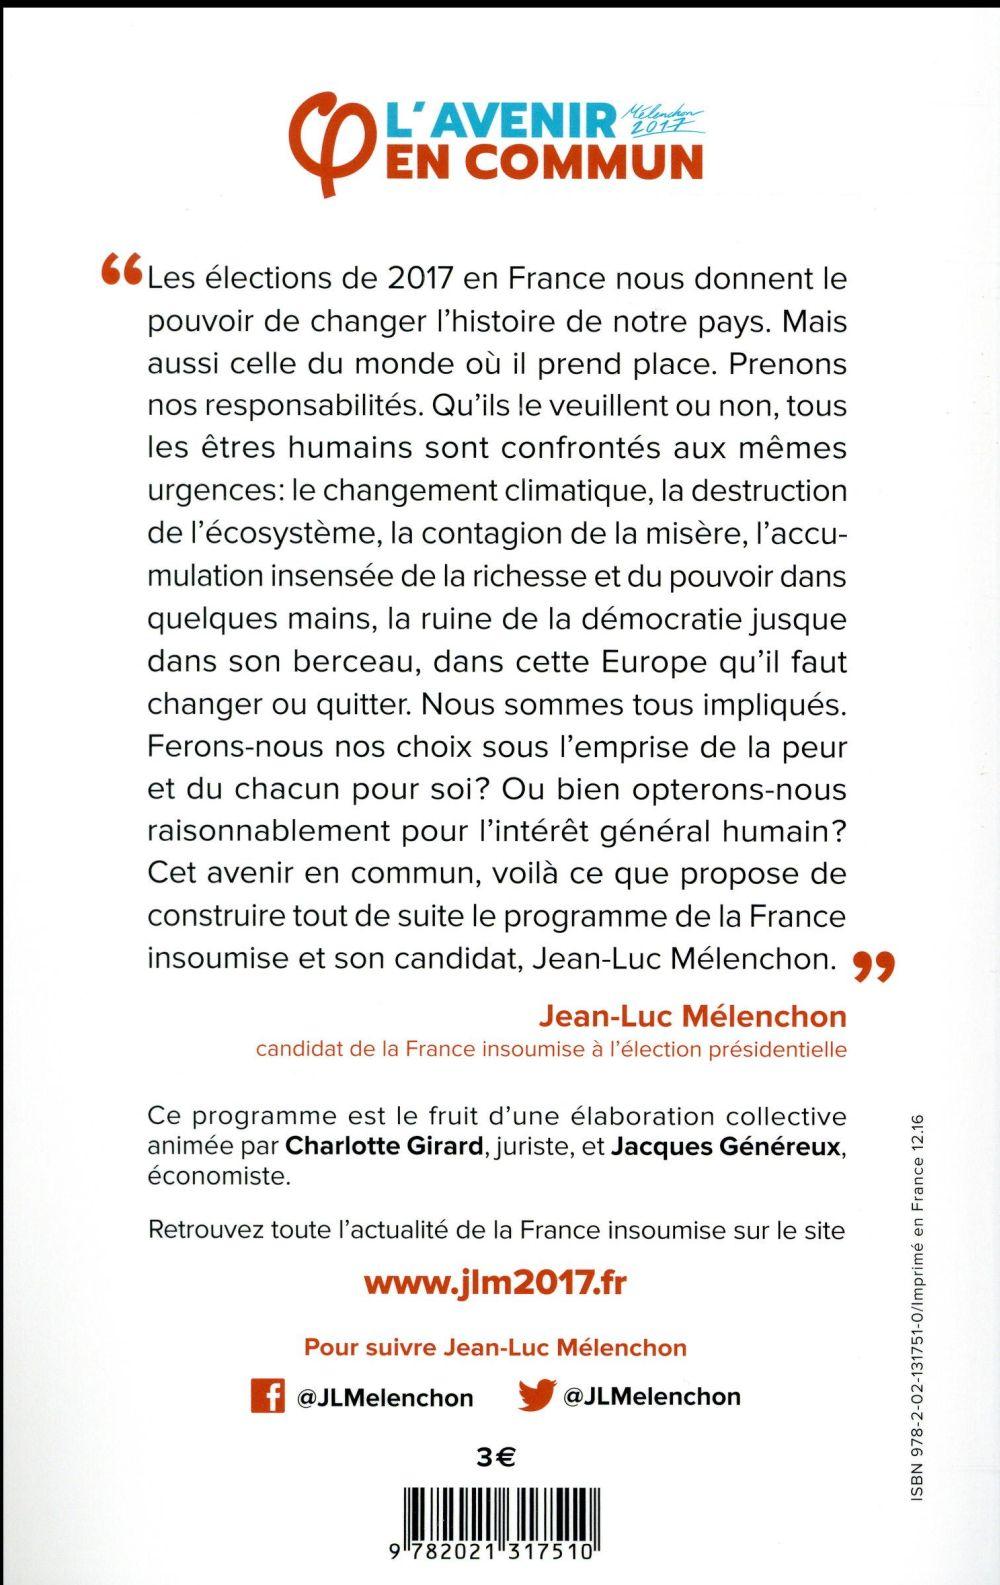 L'avenir en commun ; le programme de la France insoumise et son candidat Jean-Luc Mélenchon